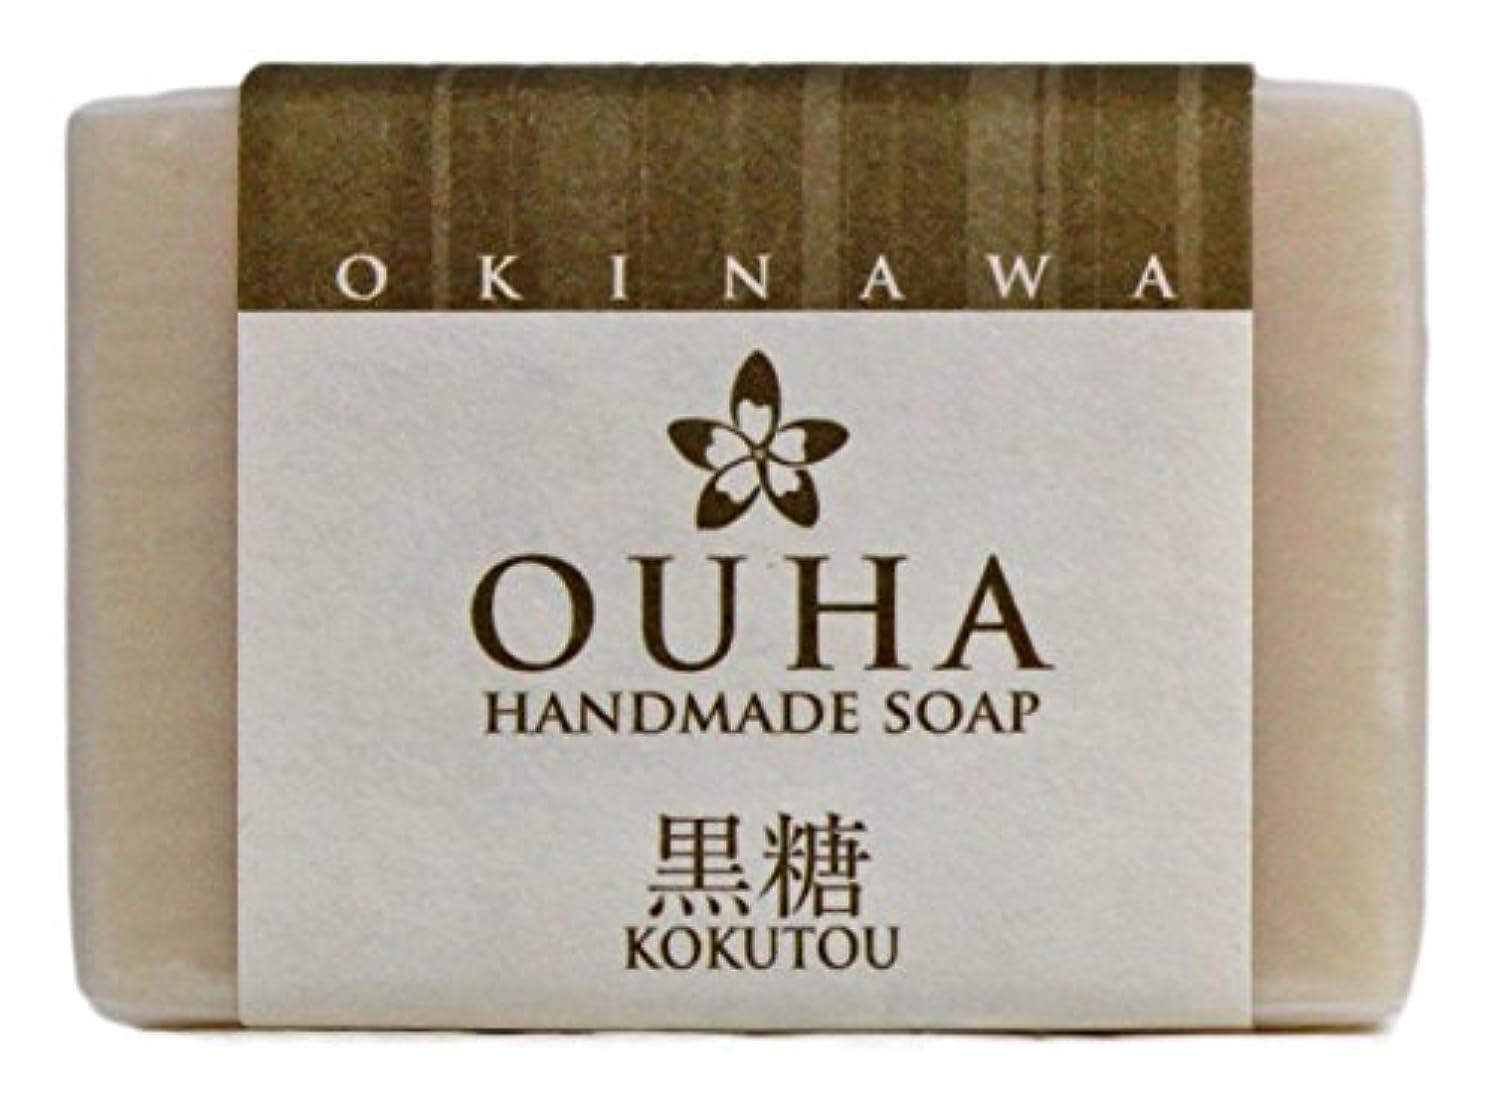 偶然の雲業界沖縄手作り洗顔せっけん OUHAソープ 黒糖 47g